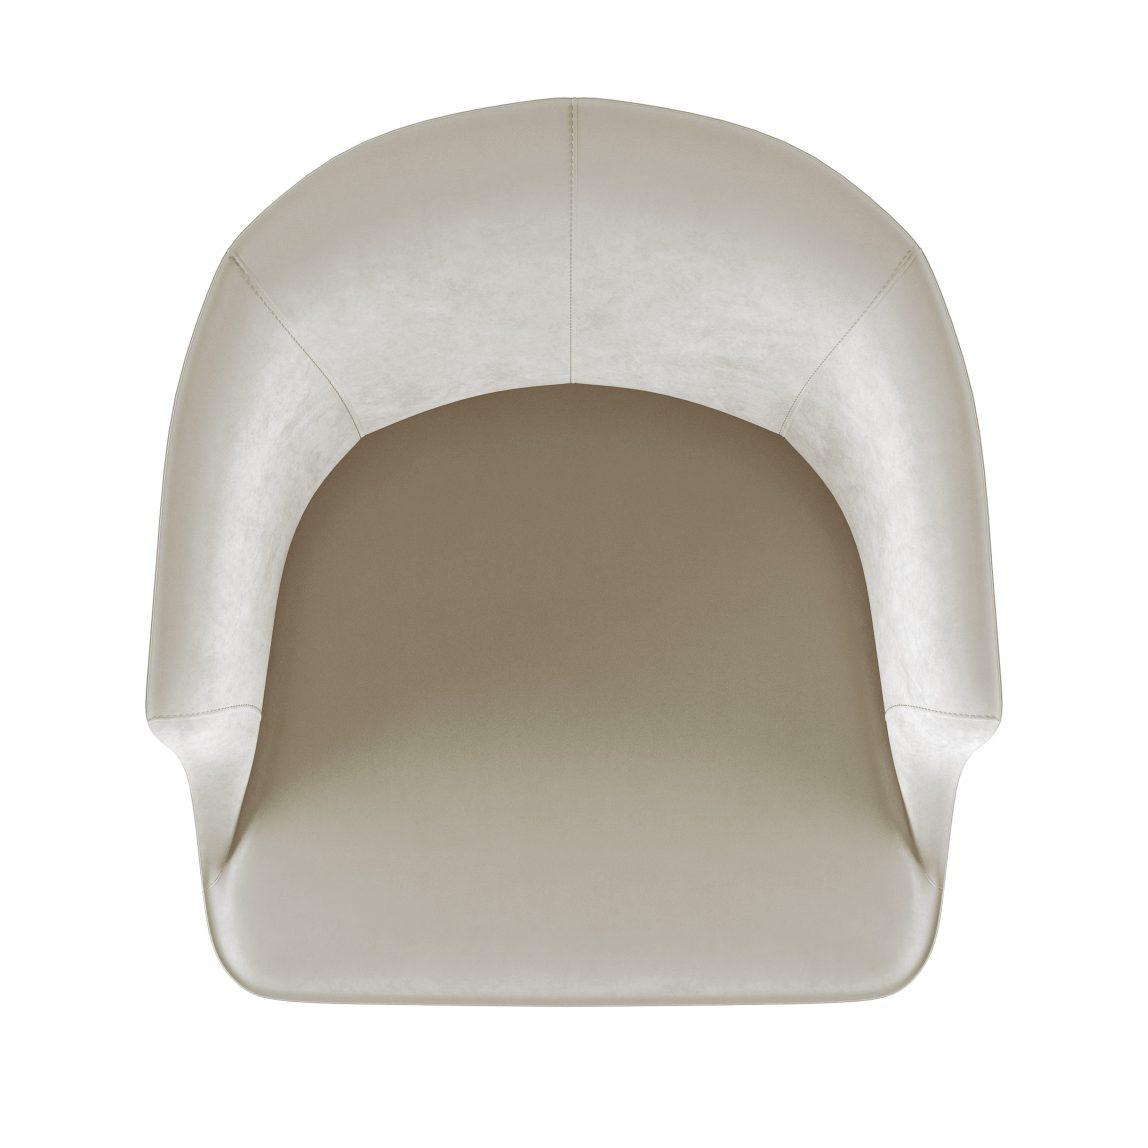 мягкое невысокое дизайнерское кресло